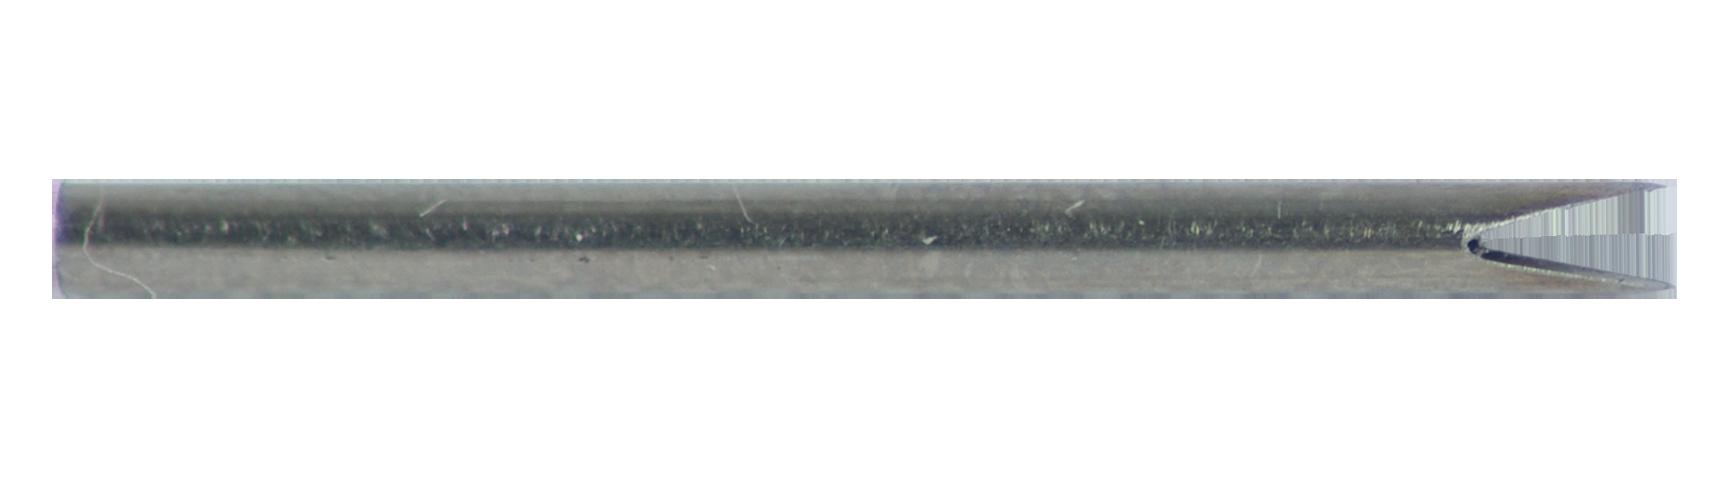 Manual Beard Punch 1.2 MM